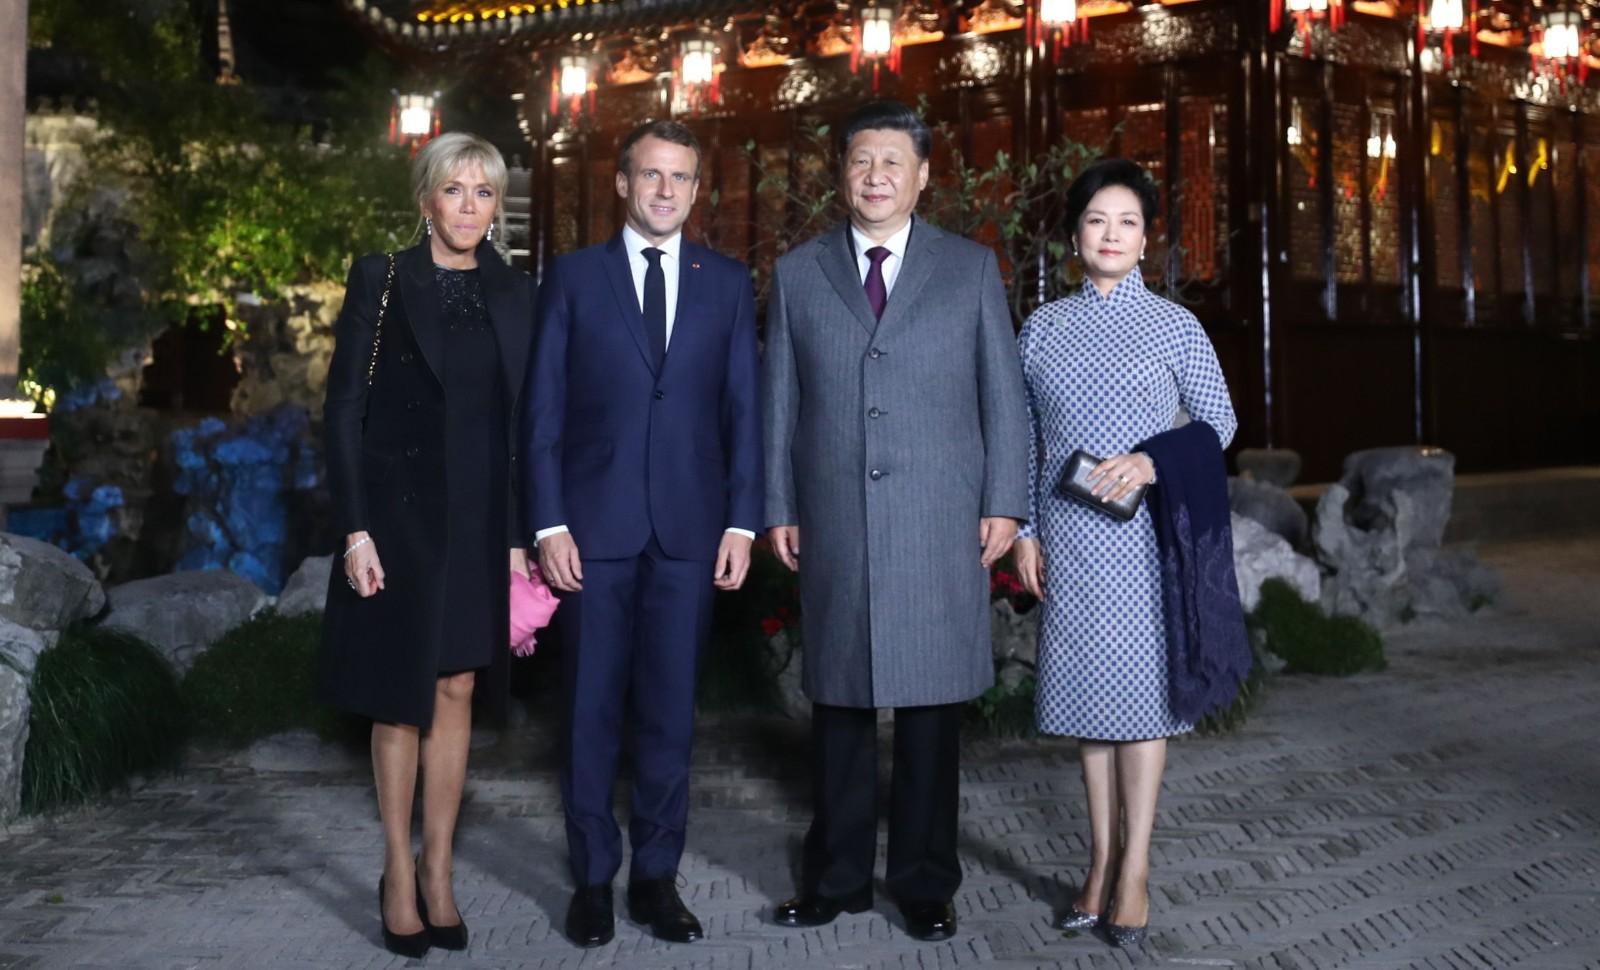 Le président Macron, le président Xi Jinping et leurs femmes, à Shanghai le 5 novembre 2019 © CHINE NOUVELLE/SIPA Numéro de reportage: 00931063_000003